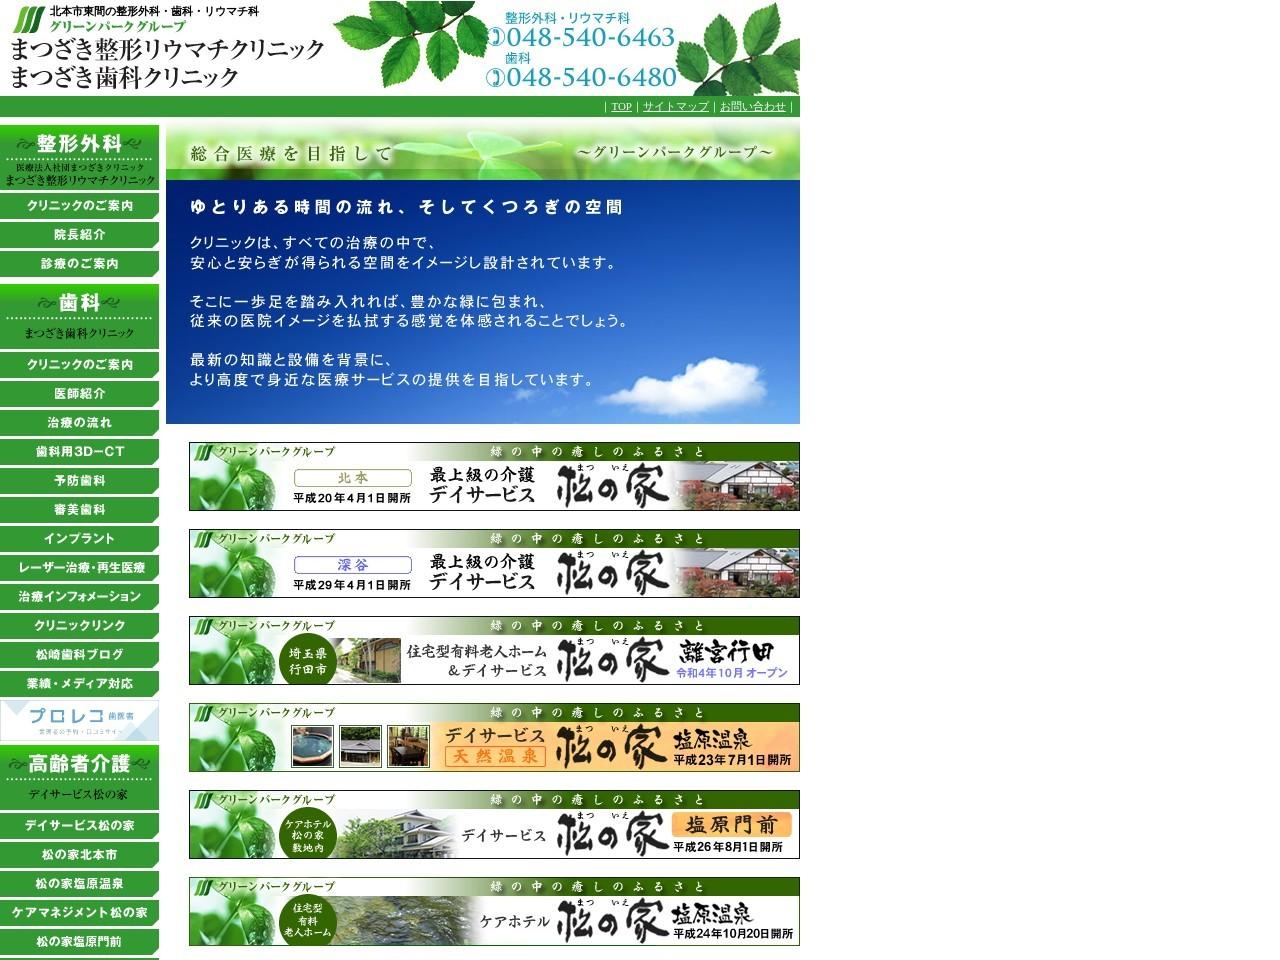 埼玉県北本市東間 整形外科,歯科|まつざき整形リウマチ歯科クリニック|グリーンパークグループ